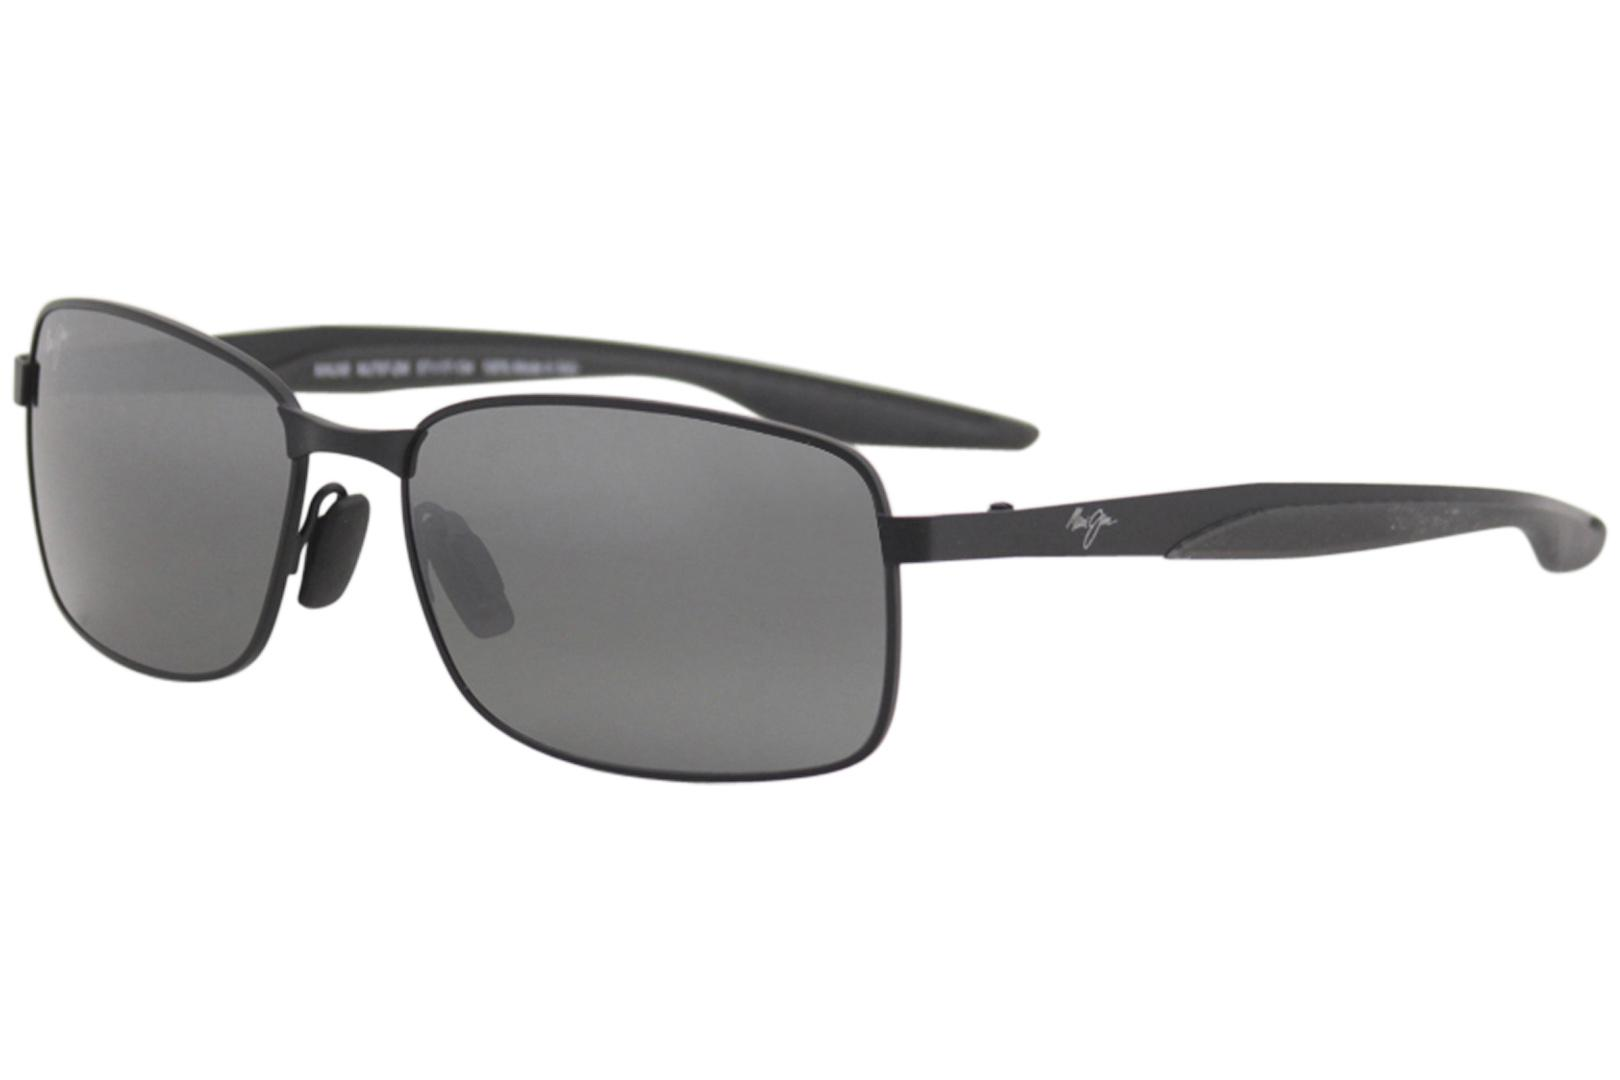 c3c63cf48f Maui Jim Men s Shoal MJ797 MJ 797 Fashion Rectangle Sunglasses